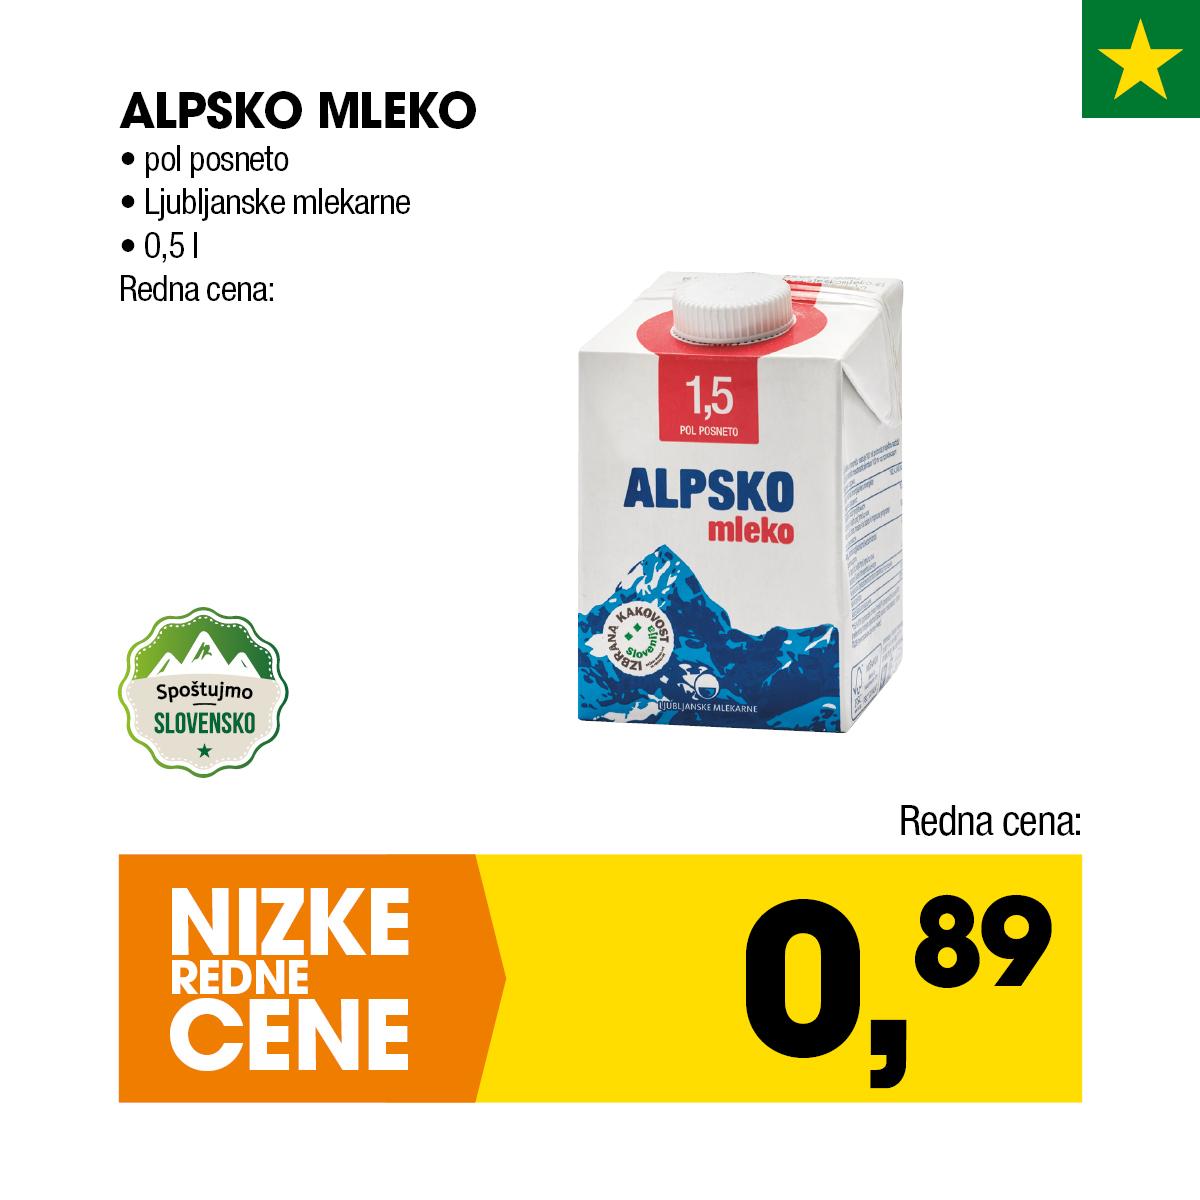 Nizke cene - Alpsko mleko Ljubljanske mlekarne